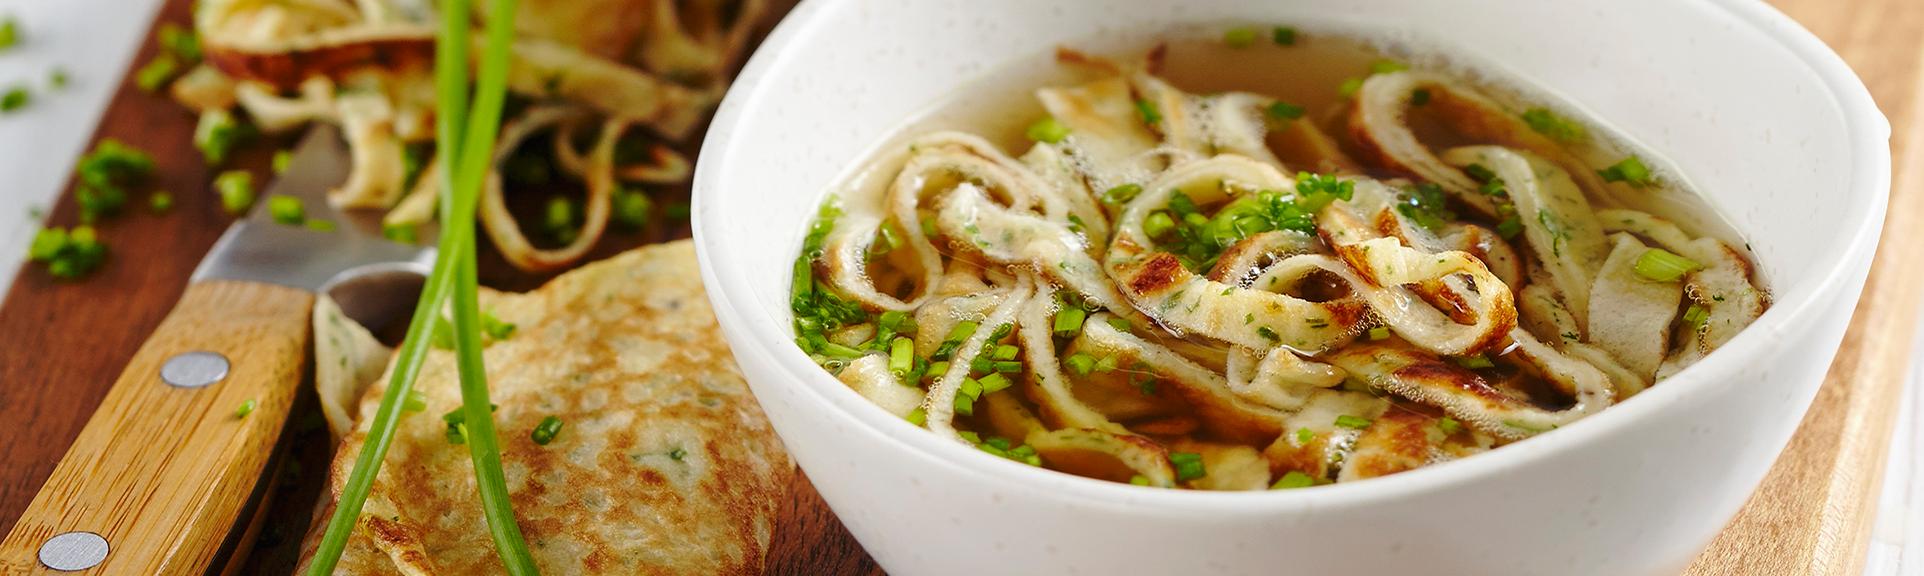 Header zum Rezept Kräuterflädle Suppe mit Schnittlauch